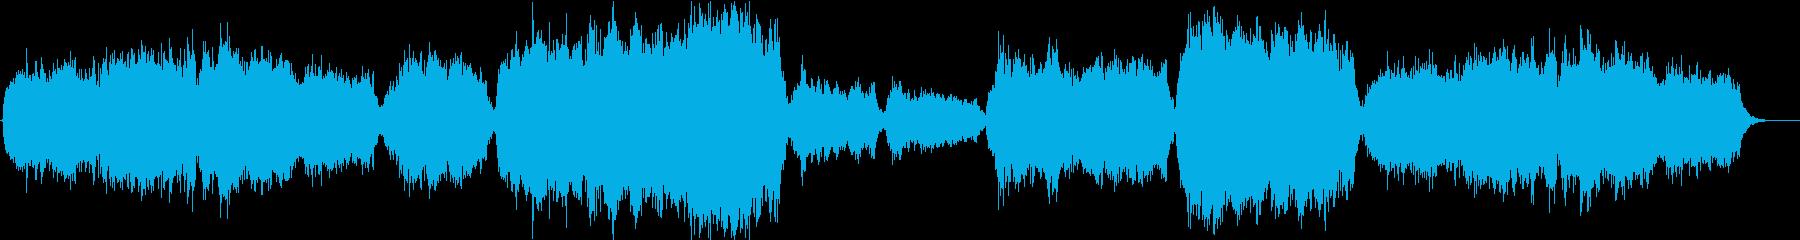 神聖で美しいクアイアの賛美歌が感動的ですの再生済みの波形